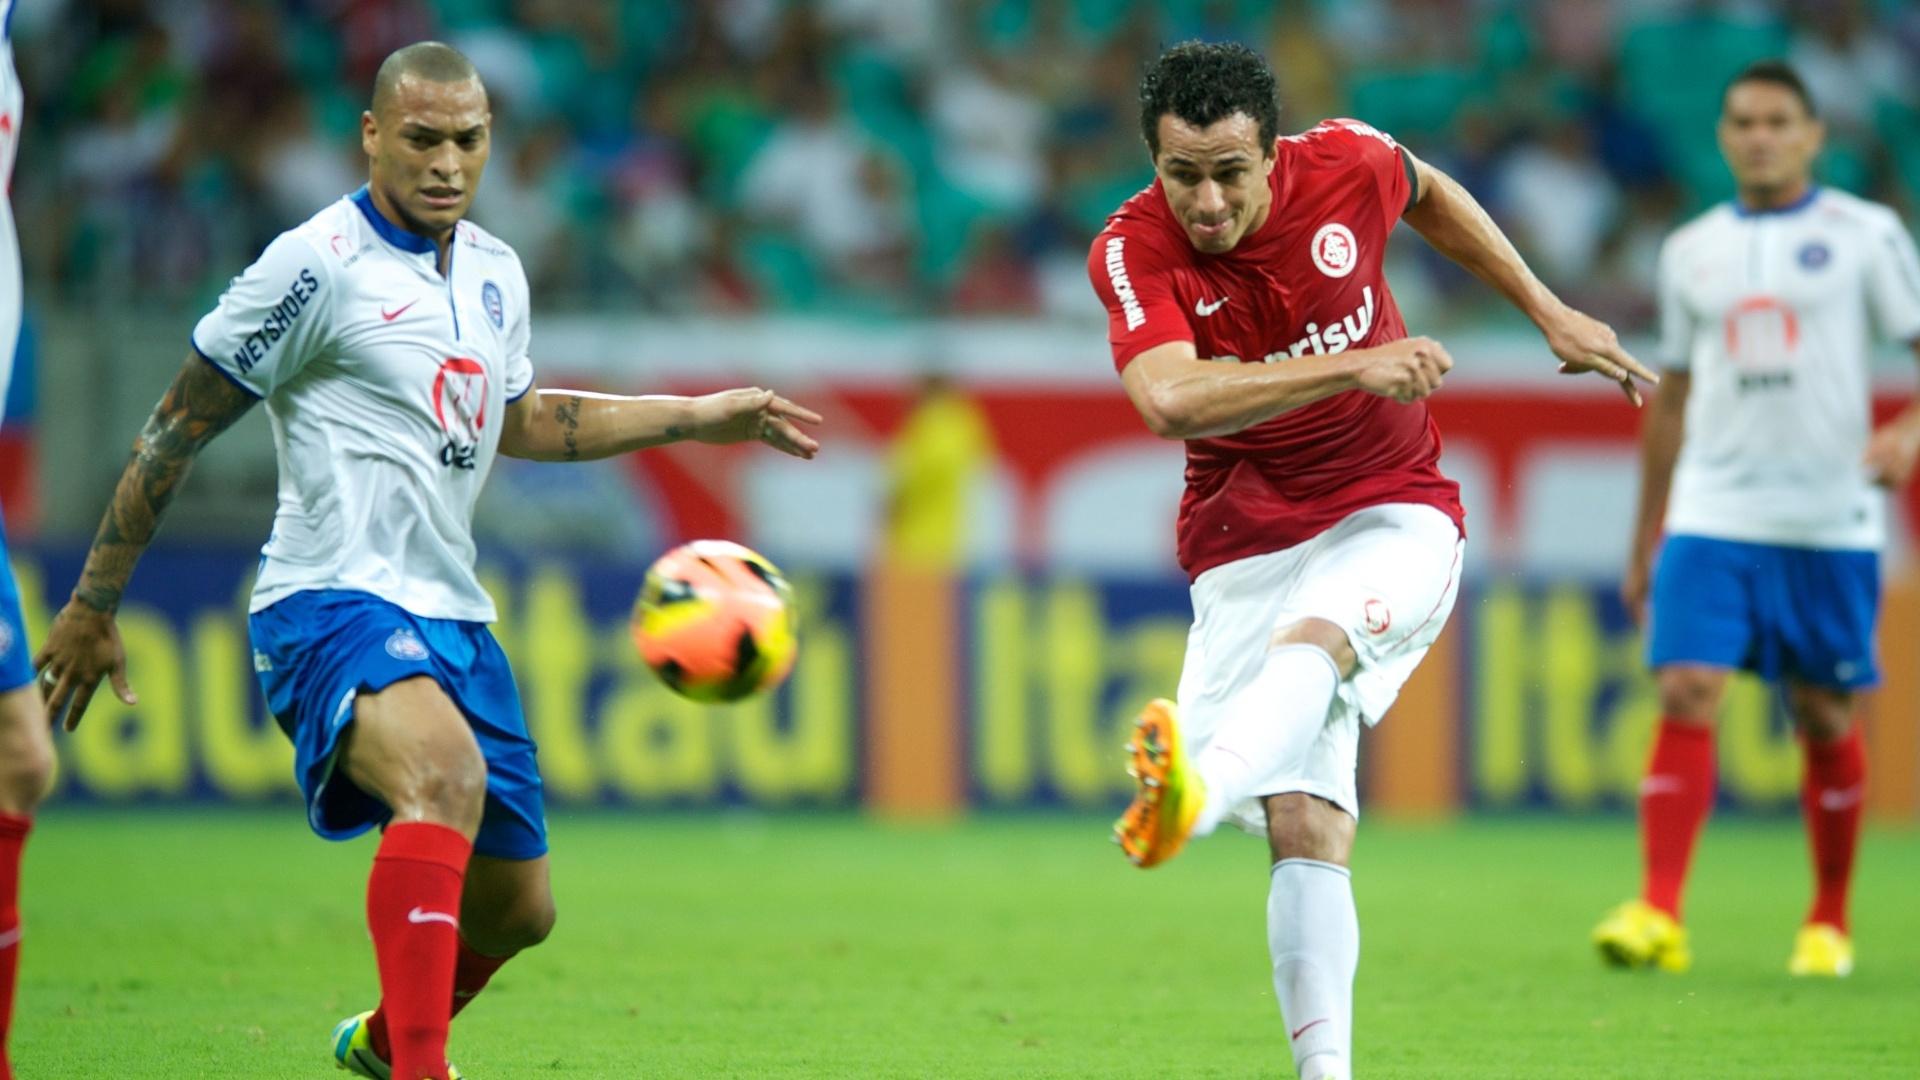 Zagueiro Tite observa chute de Damião em jogo Bahia x Internacional (19/09/2013)